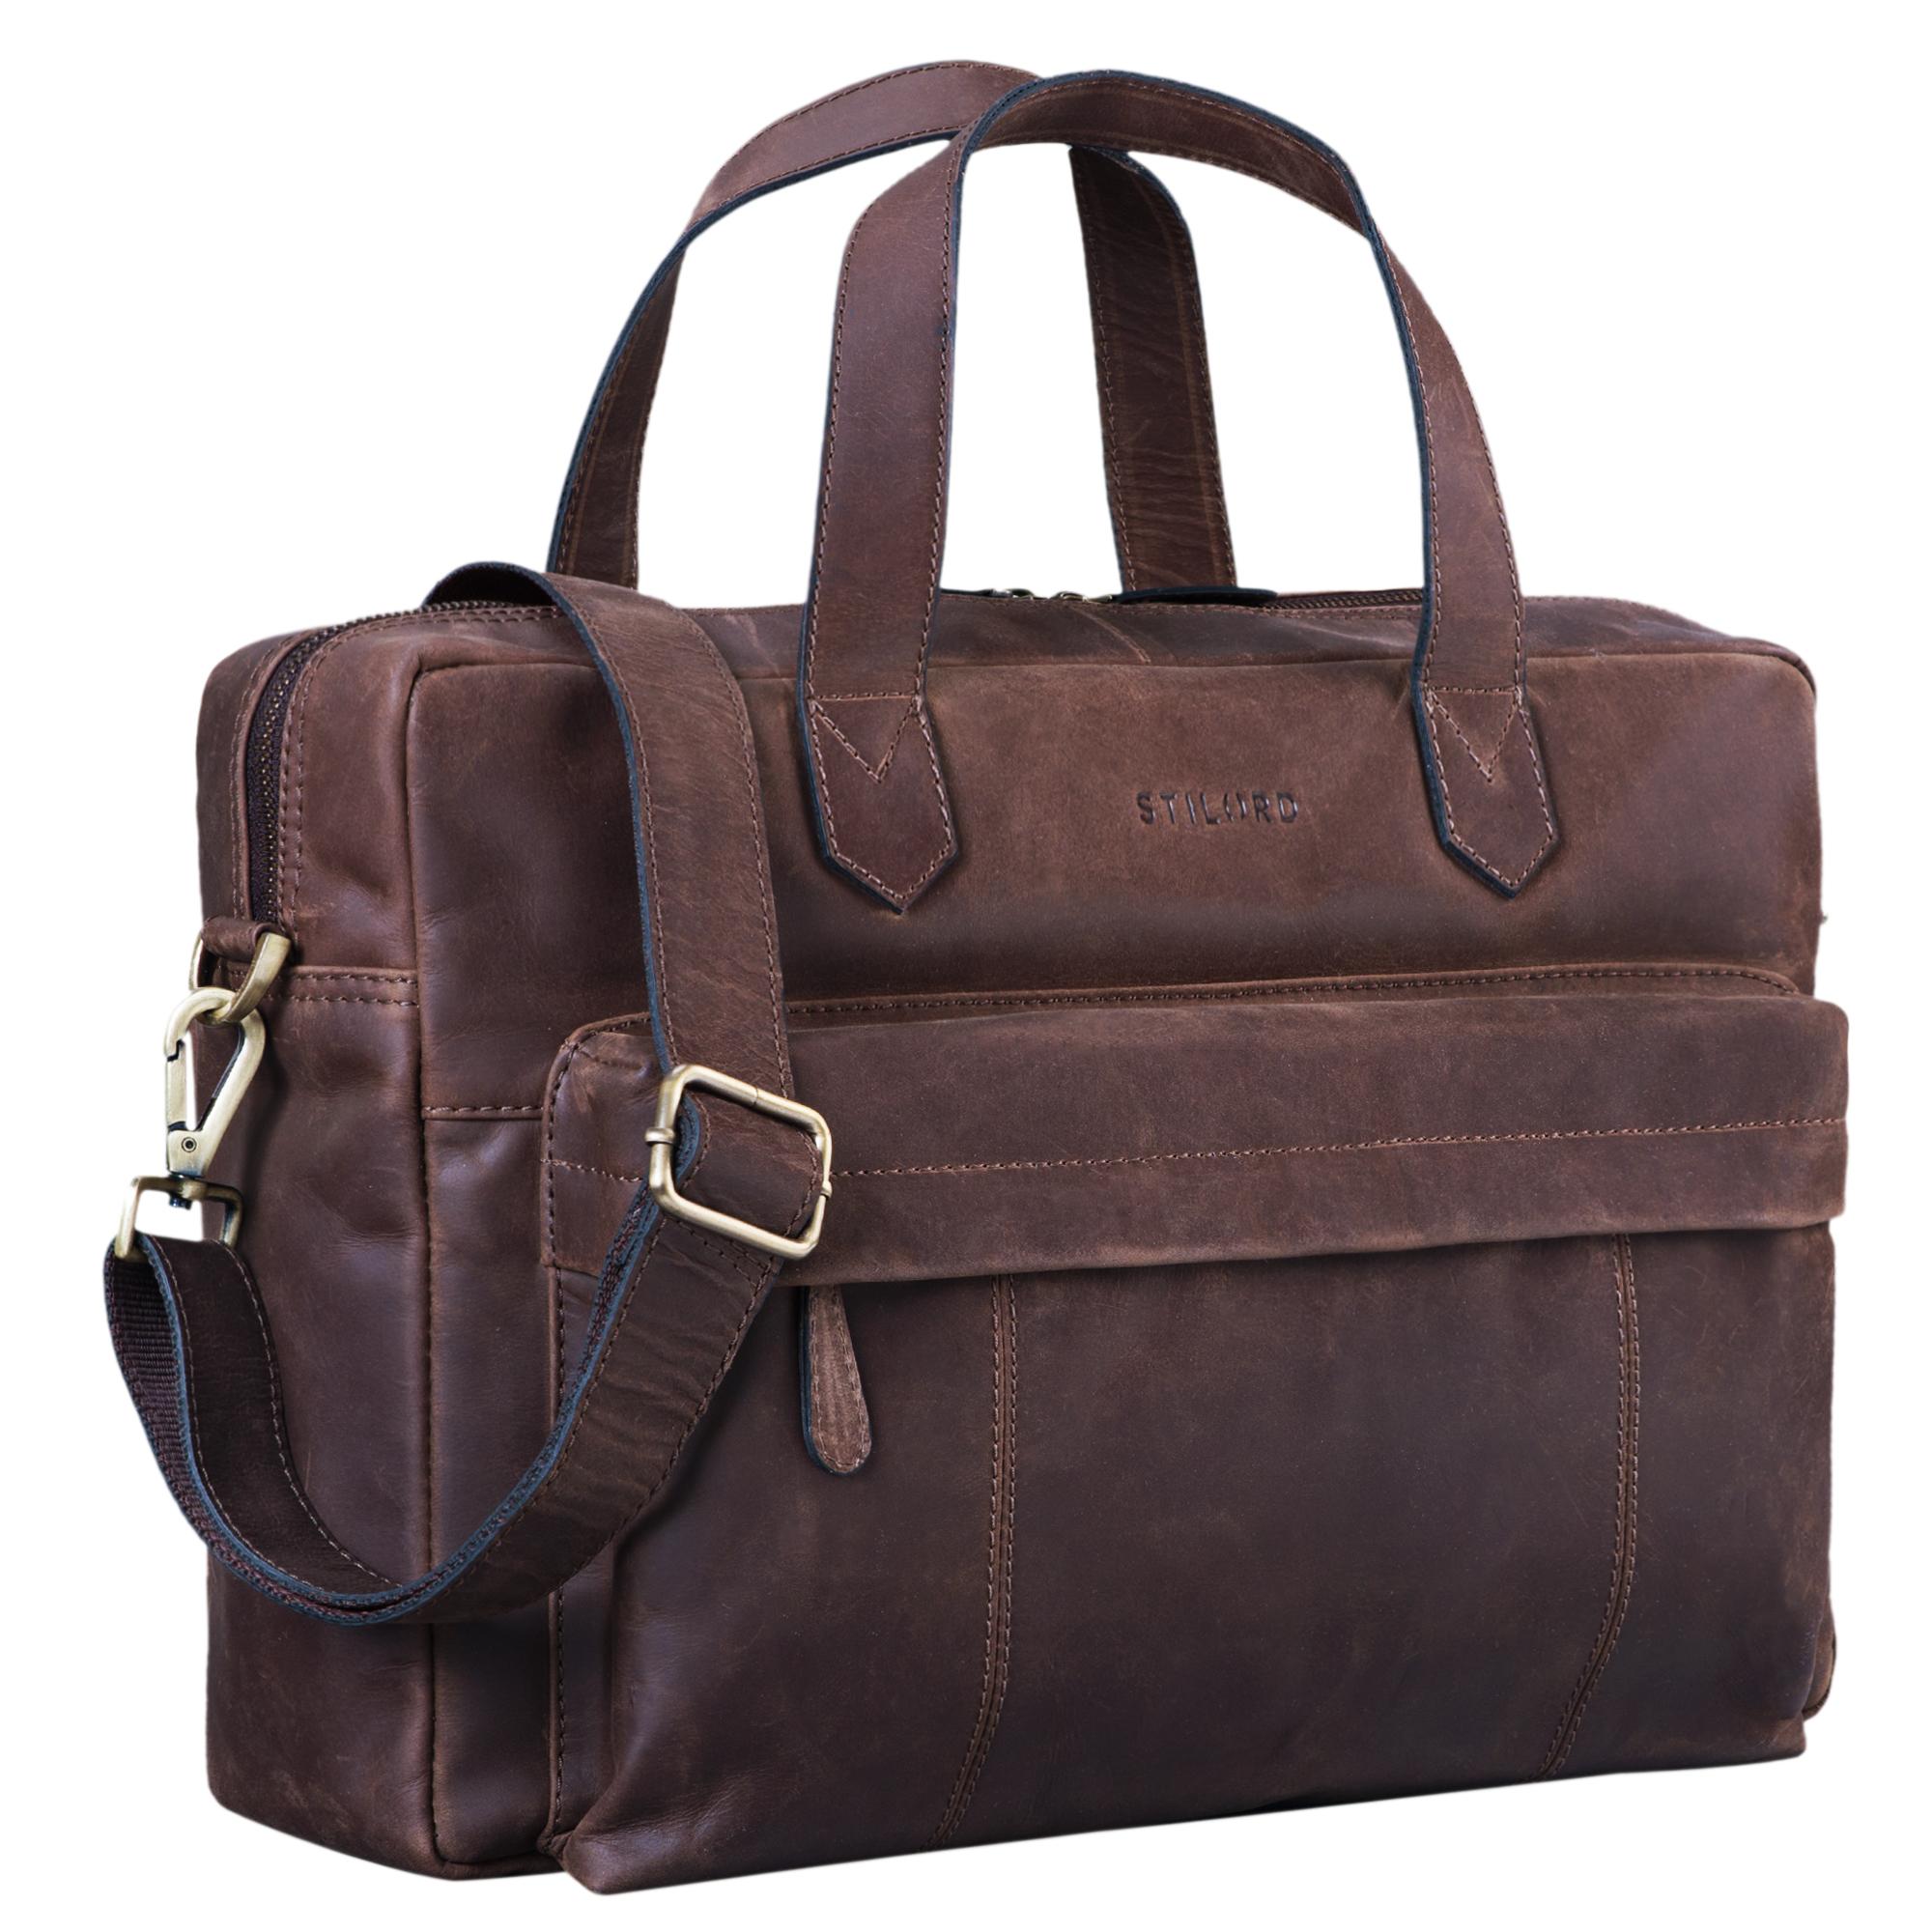 """STILORD """"Erich"""" Vintage Leder Bürotasche große Umhängetasche für Herren und Damen mit 15.6 Zoll Laptop-Fach elegante Aktentasche DIN A4 für Business Arbeit Uni - Bild 8"""